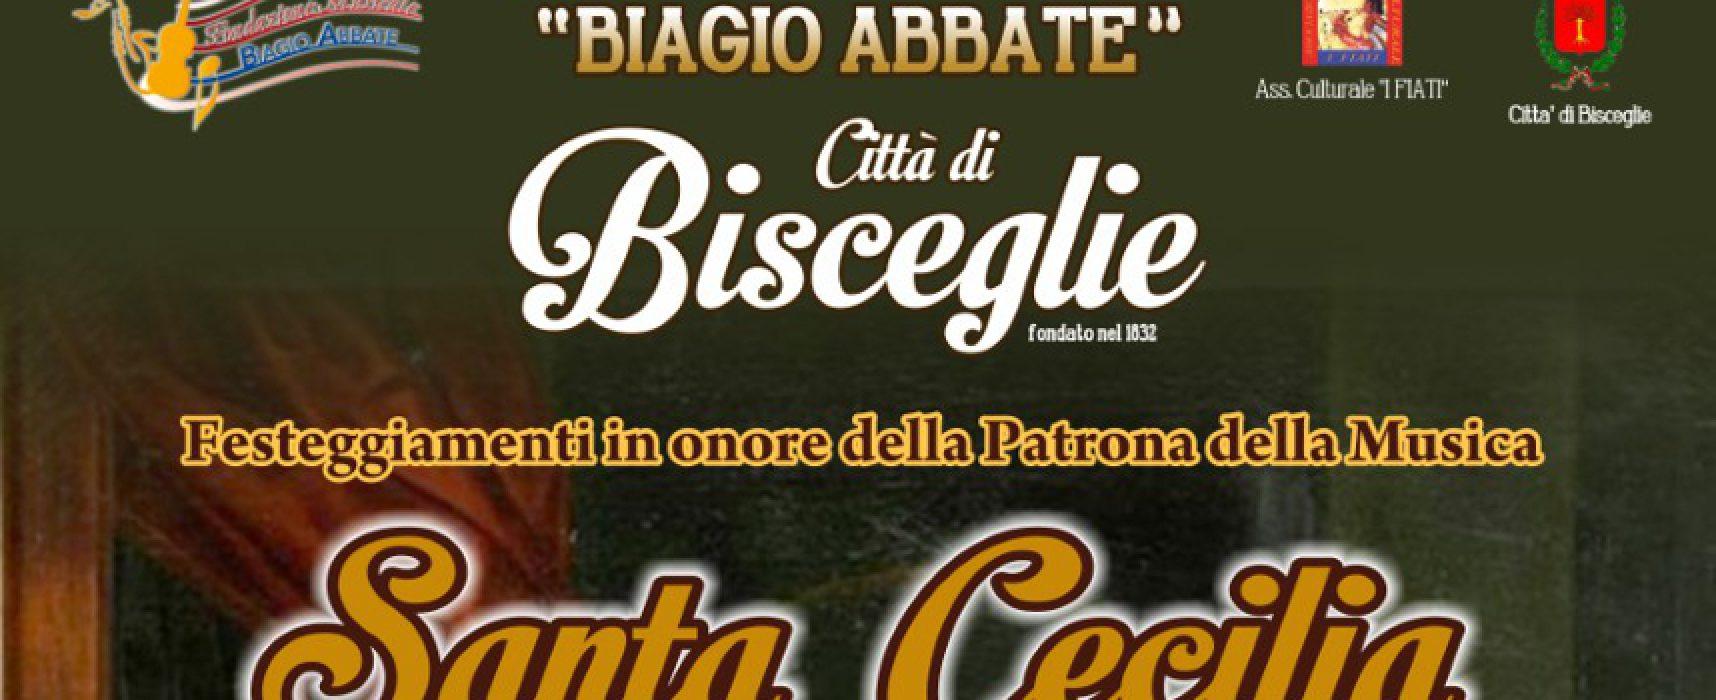 Il Concerto Bandistico Città di Bisceglie organizza un evento per celebrare Santa Cecilia